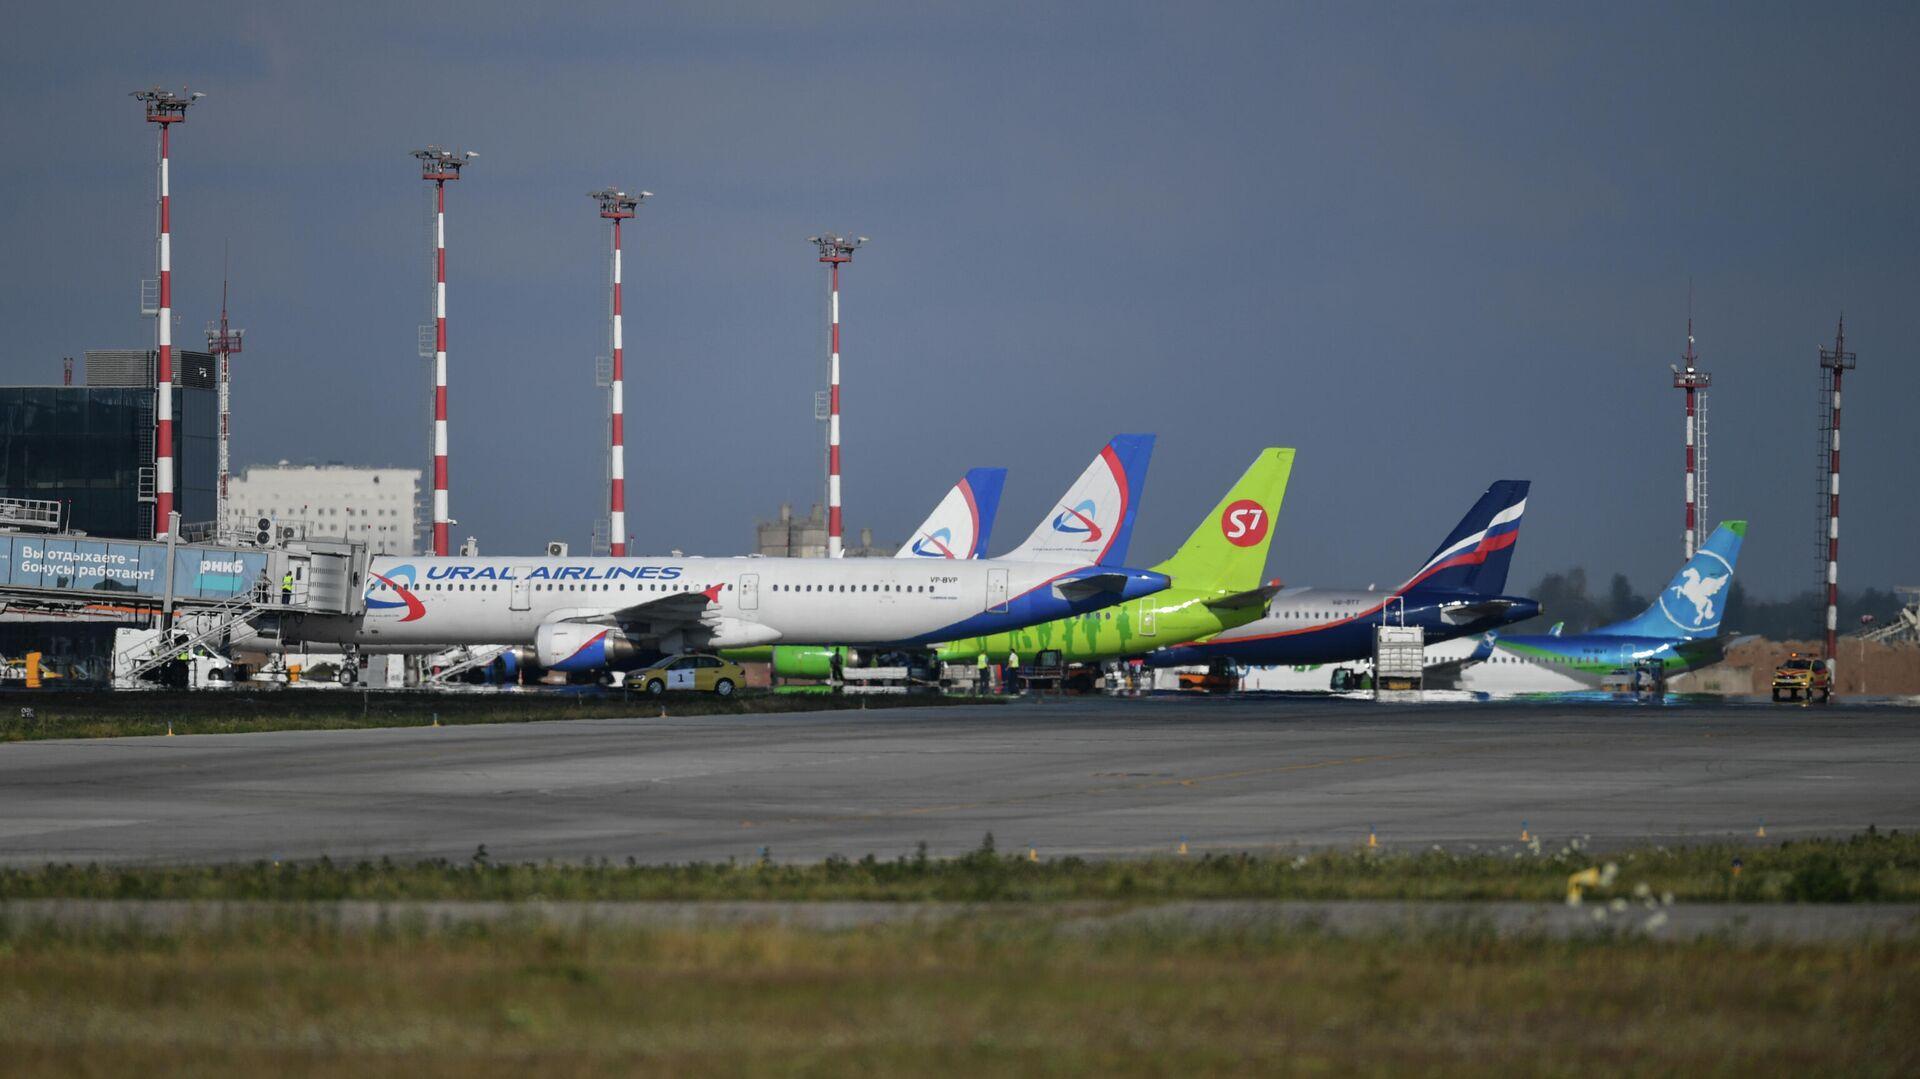 1577005622 0:321:3072:2048 1920x0 80 0 0 efa3d4978e31521d2d2997d981bcee2d - Российские авиакомпании получили допуск на  полеты в 24 страны